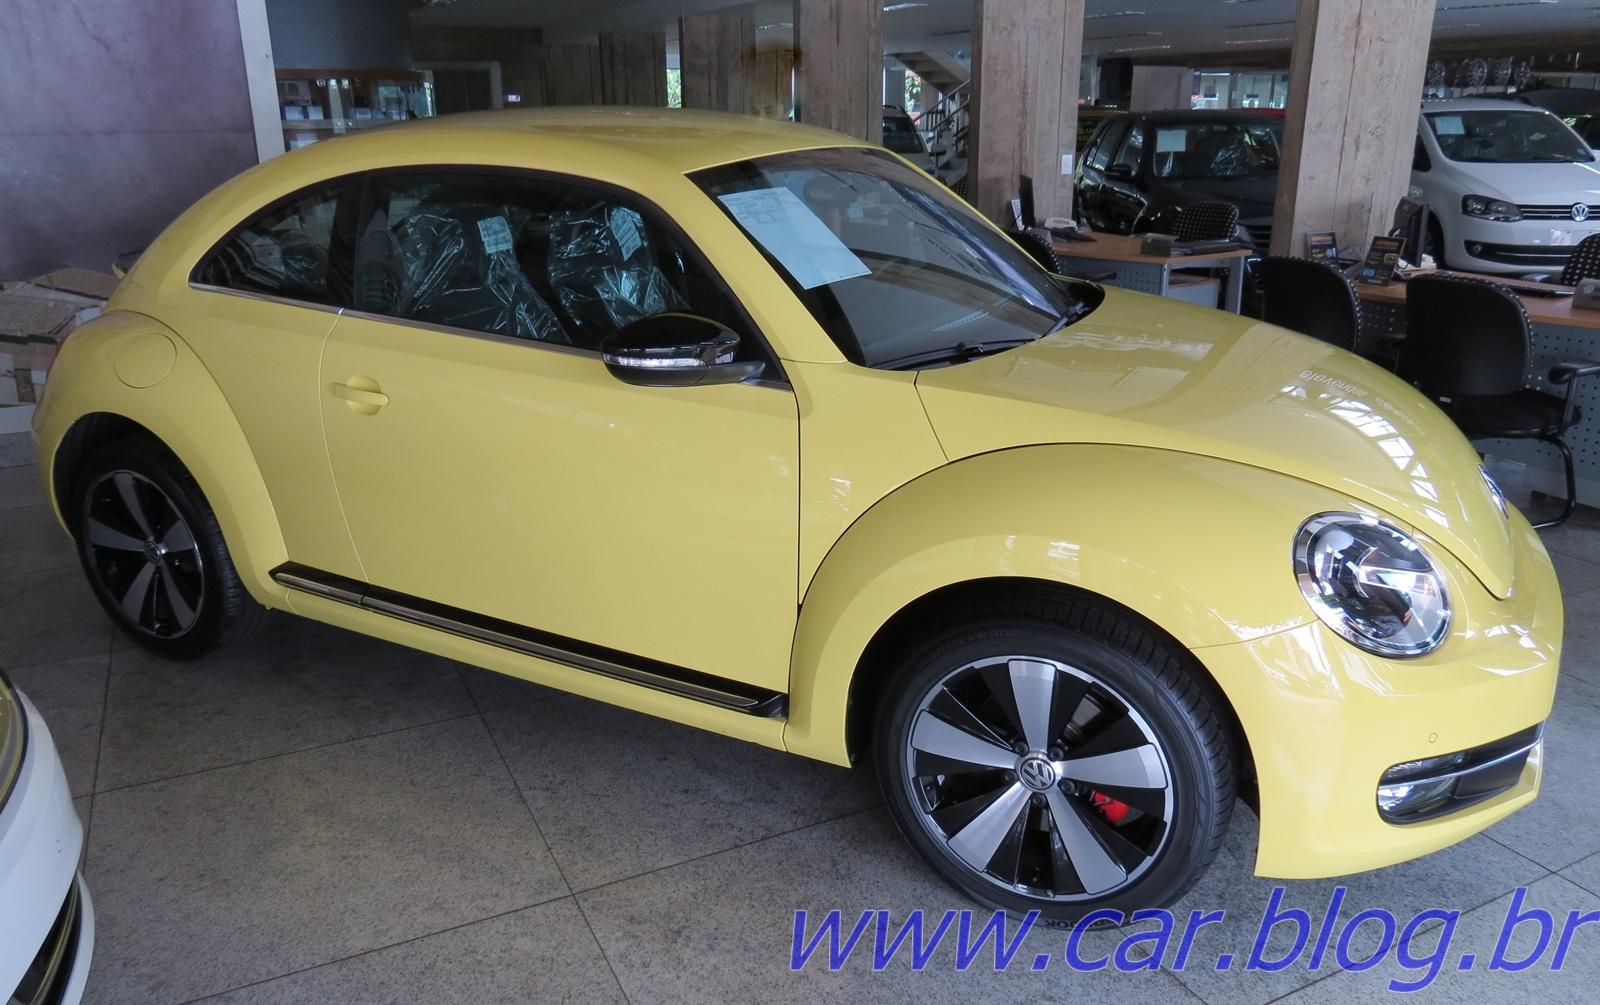 Novo Caro Da Volkswagen >> Volkswagen Fusca 2.0 Turbo 2013 chega às concessionárias com preço de R$ 88.883 reais   CAR.BLOG.BR